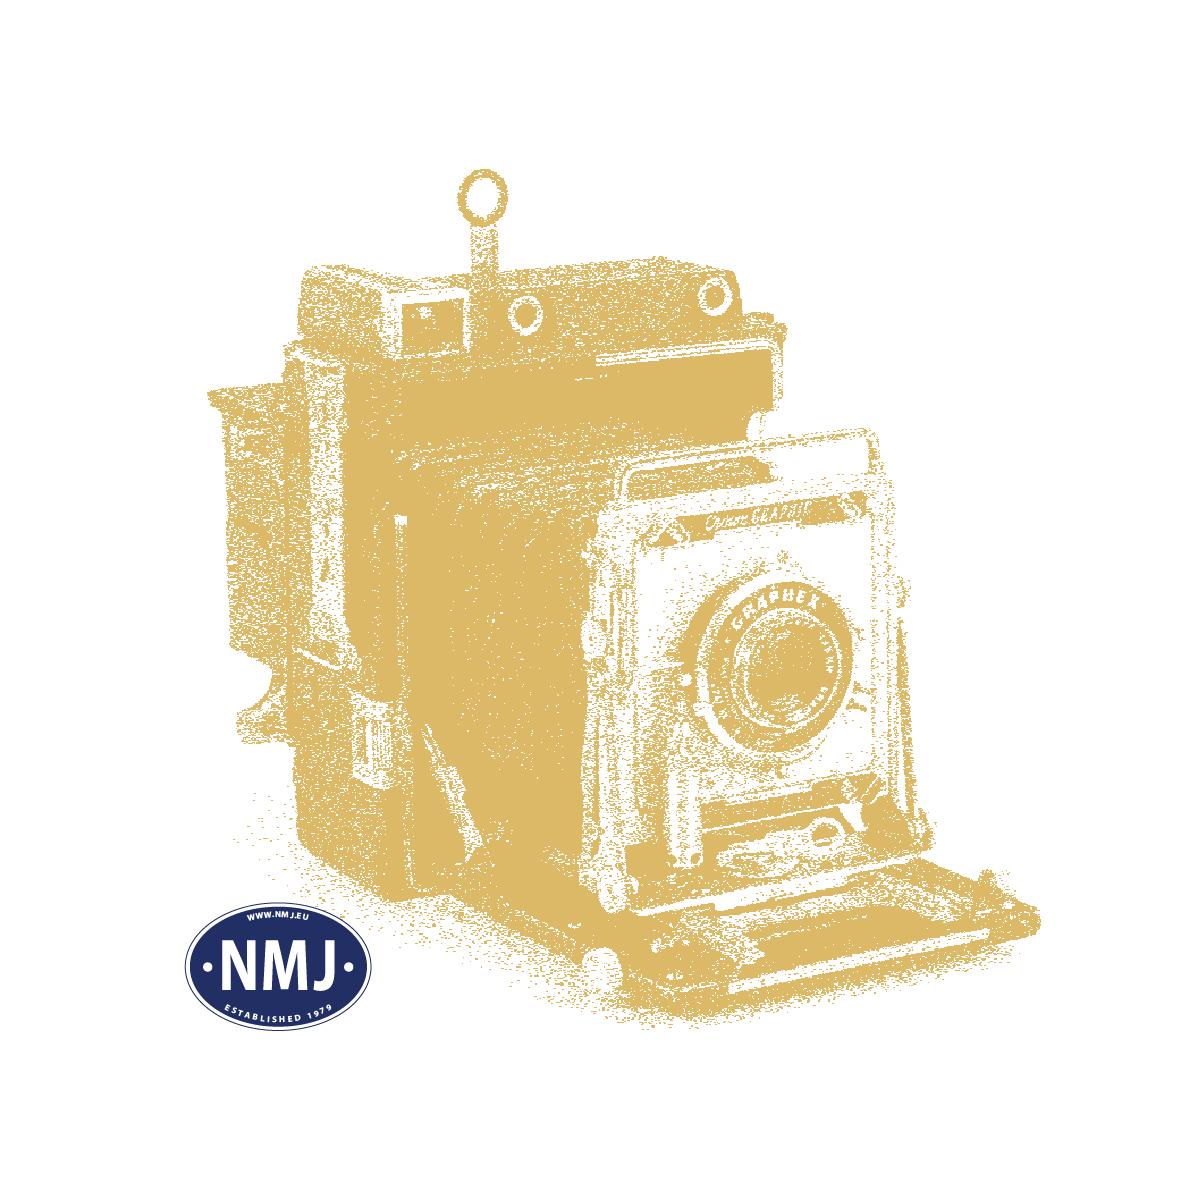 MBR51-2307 - Italiensk Poppel, Sommer, 18-22 cm, H0